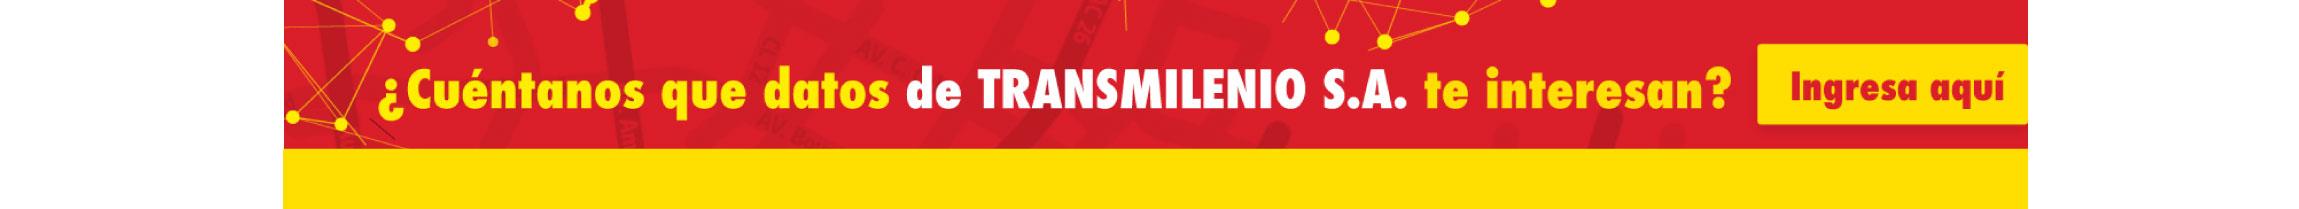 ¿Cuéntanos que datos de TRANSMILENIO S.A. te interesan?